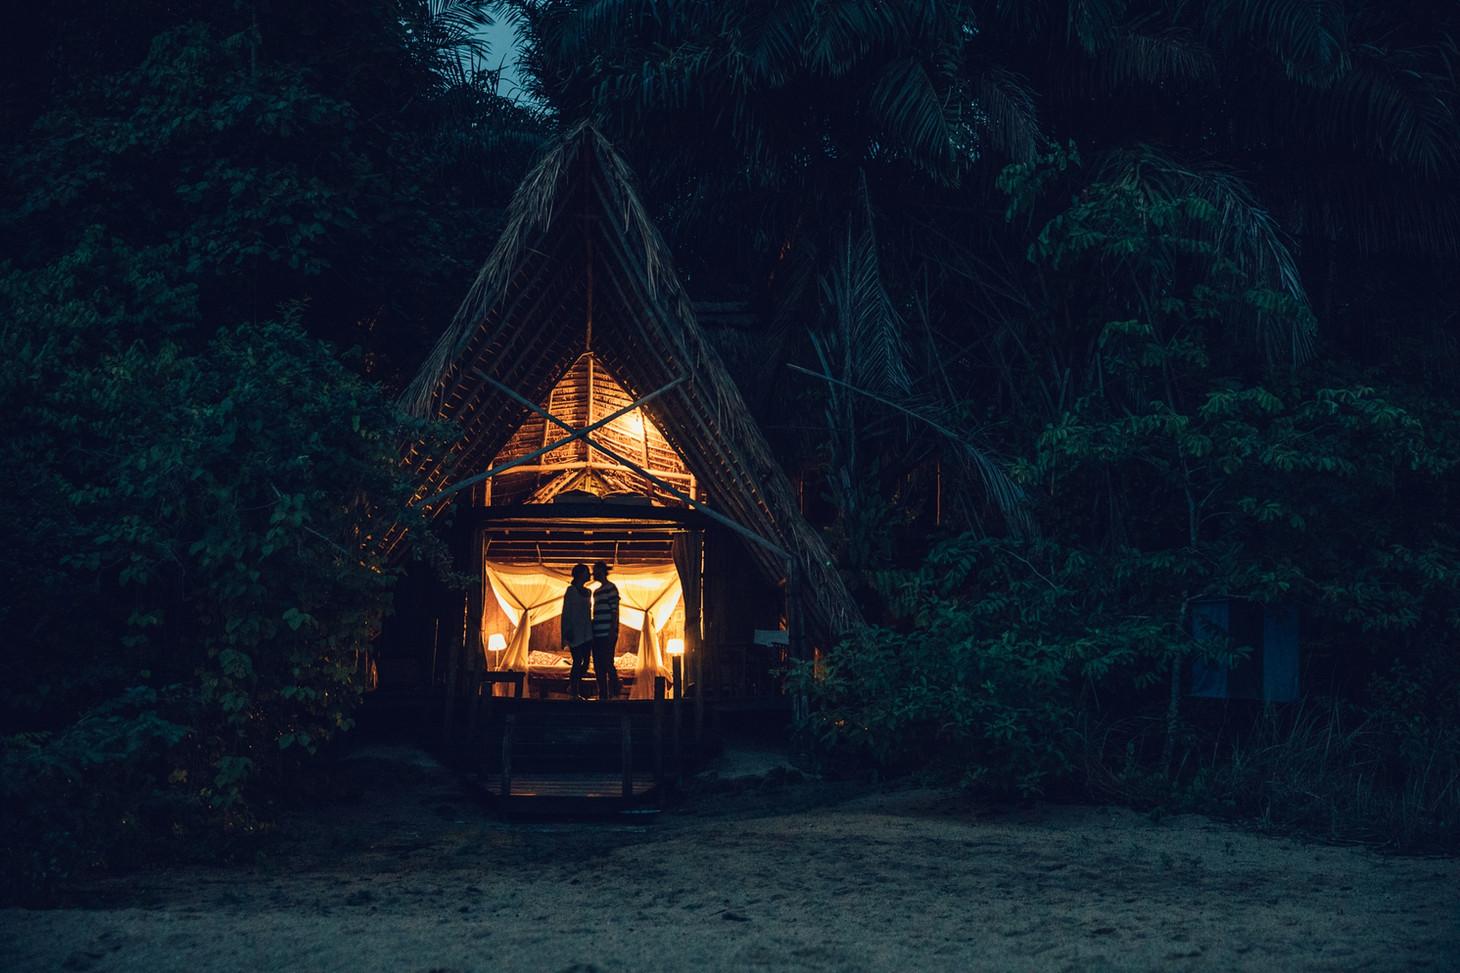 Romantic Jungle Nights at Greystokes, Mahale, Tanzania